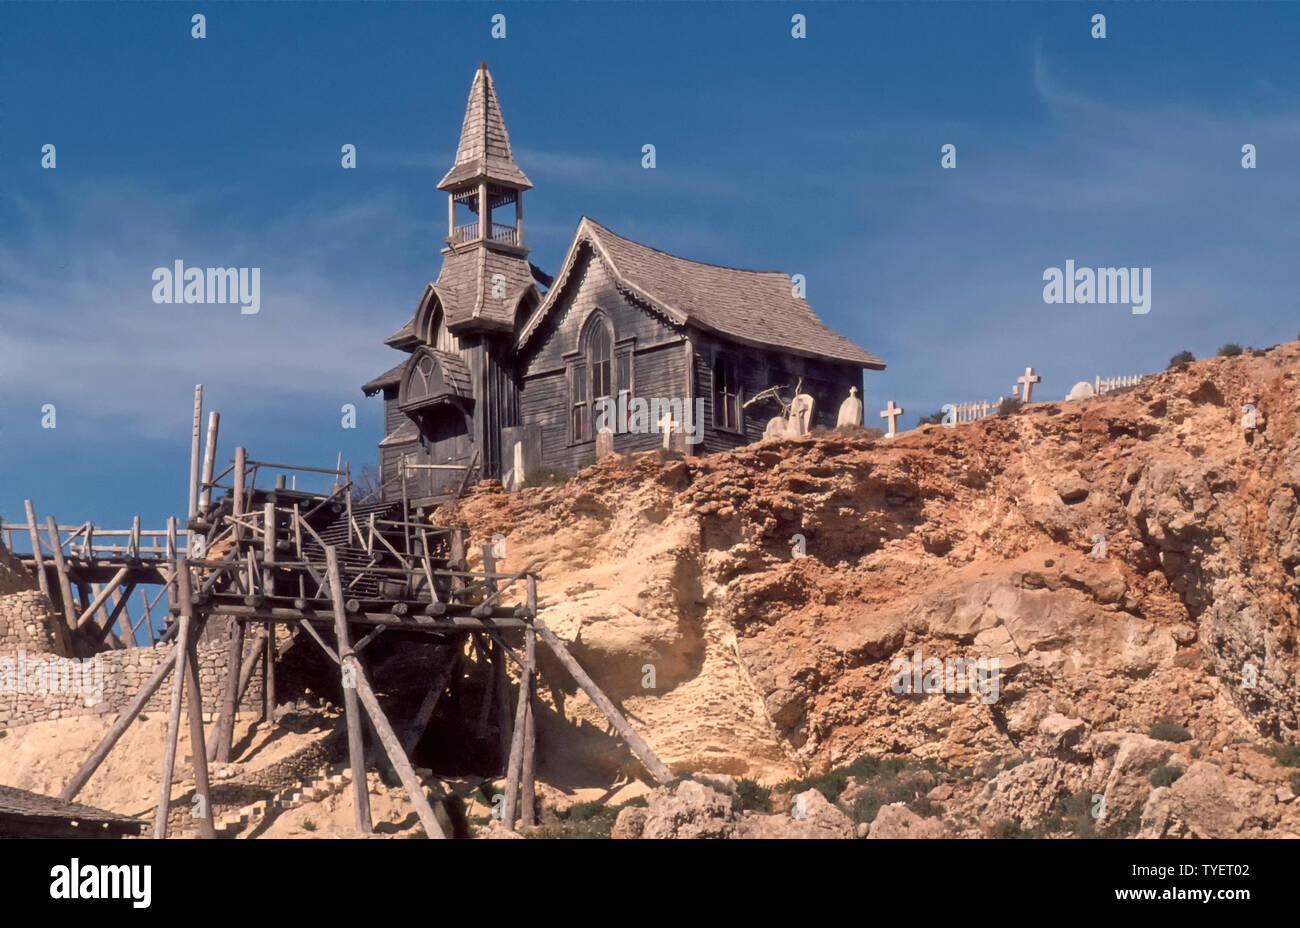 Archiv 1980 s Schließen, abgebrochene Holz- film Kirche Gebäude mit Turm & Friedhof auf der Klippe von 1980 Popeye film Anchor Bay Village Malta Stockbild